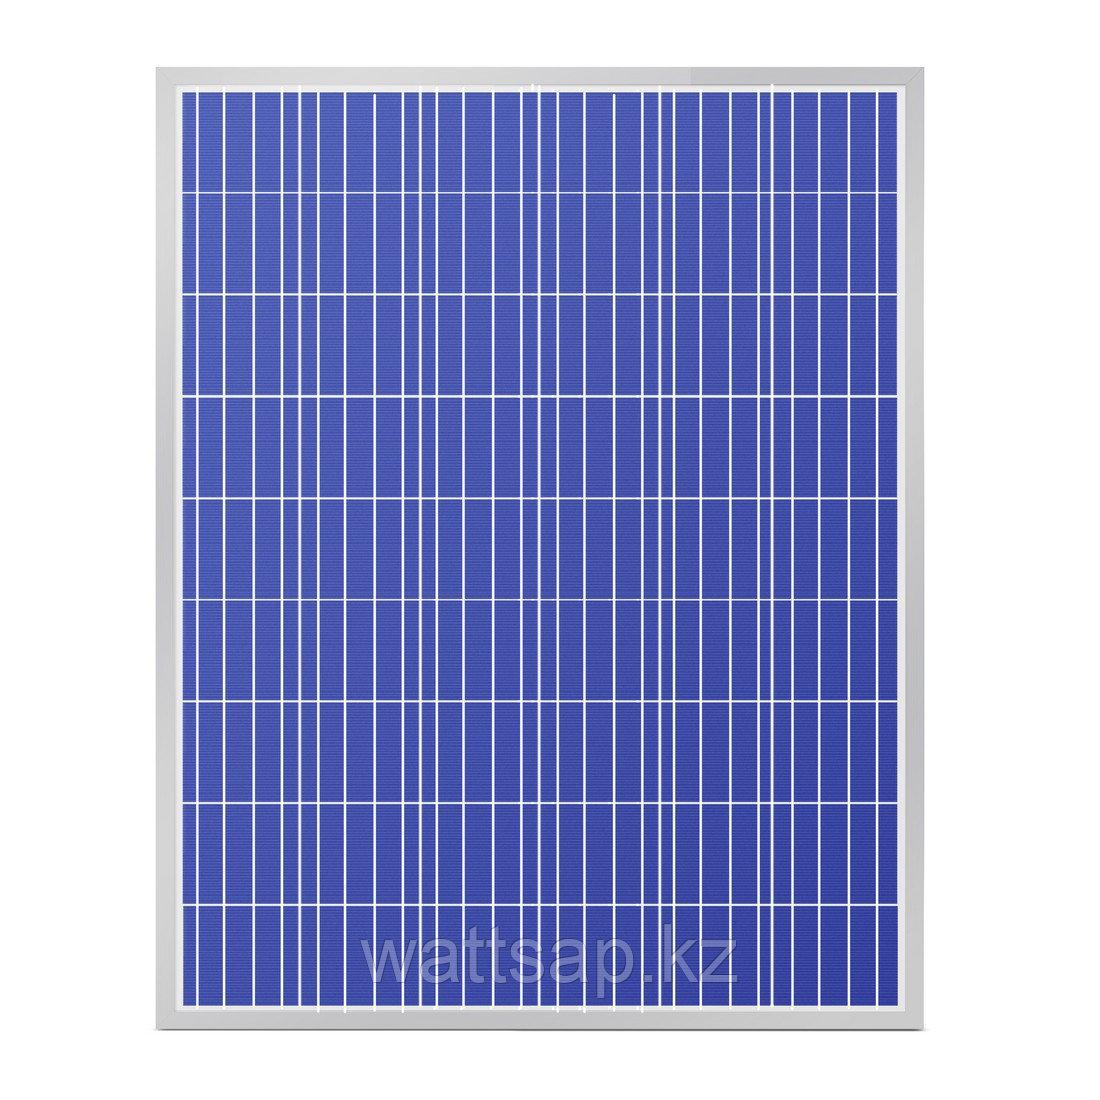 Солнечная панель, SVC, P-250, Мощность: 250Вт, Напряжение: 24В, Тип: поликристалическая, Класс: 1 класс, Рабочая температура: -40С+85С, Защита: IP65.